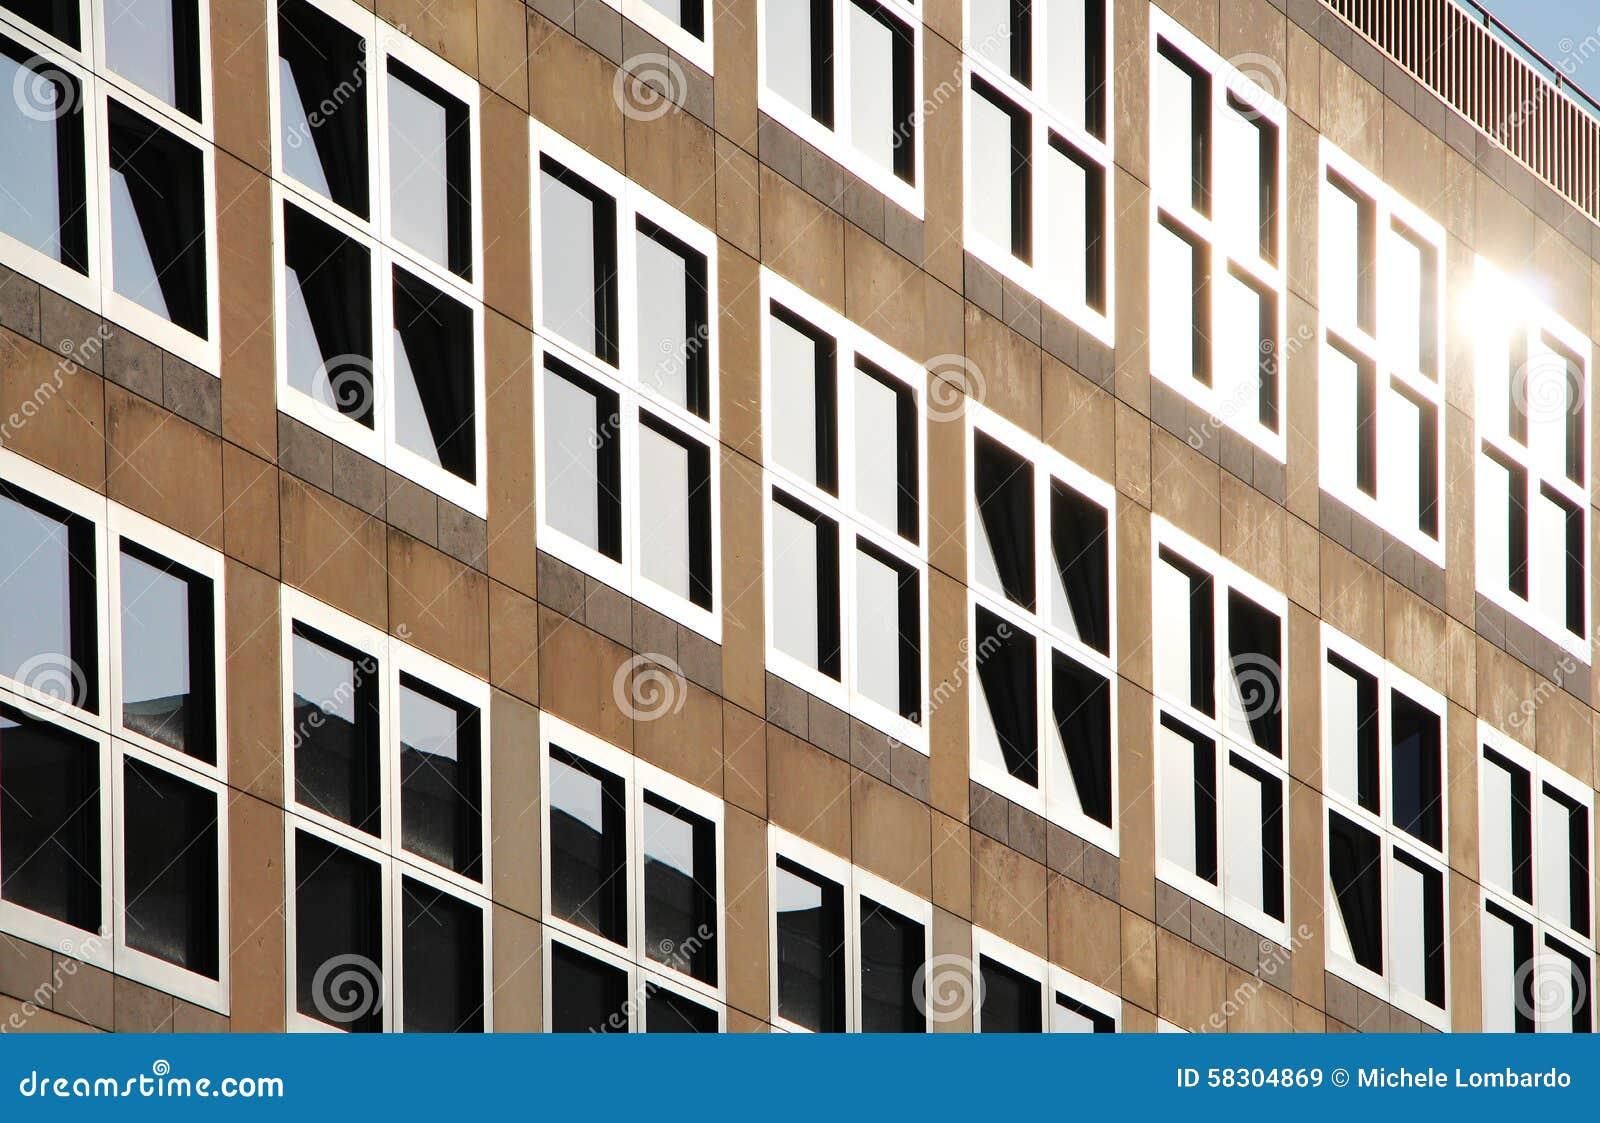 Berlin Moderne Architektur Das Q Ungers Stockbild Bild Von